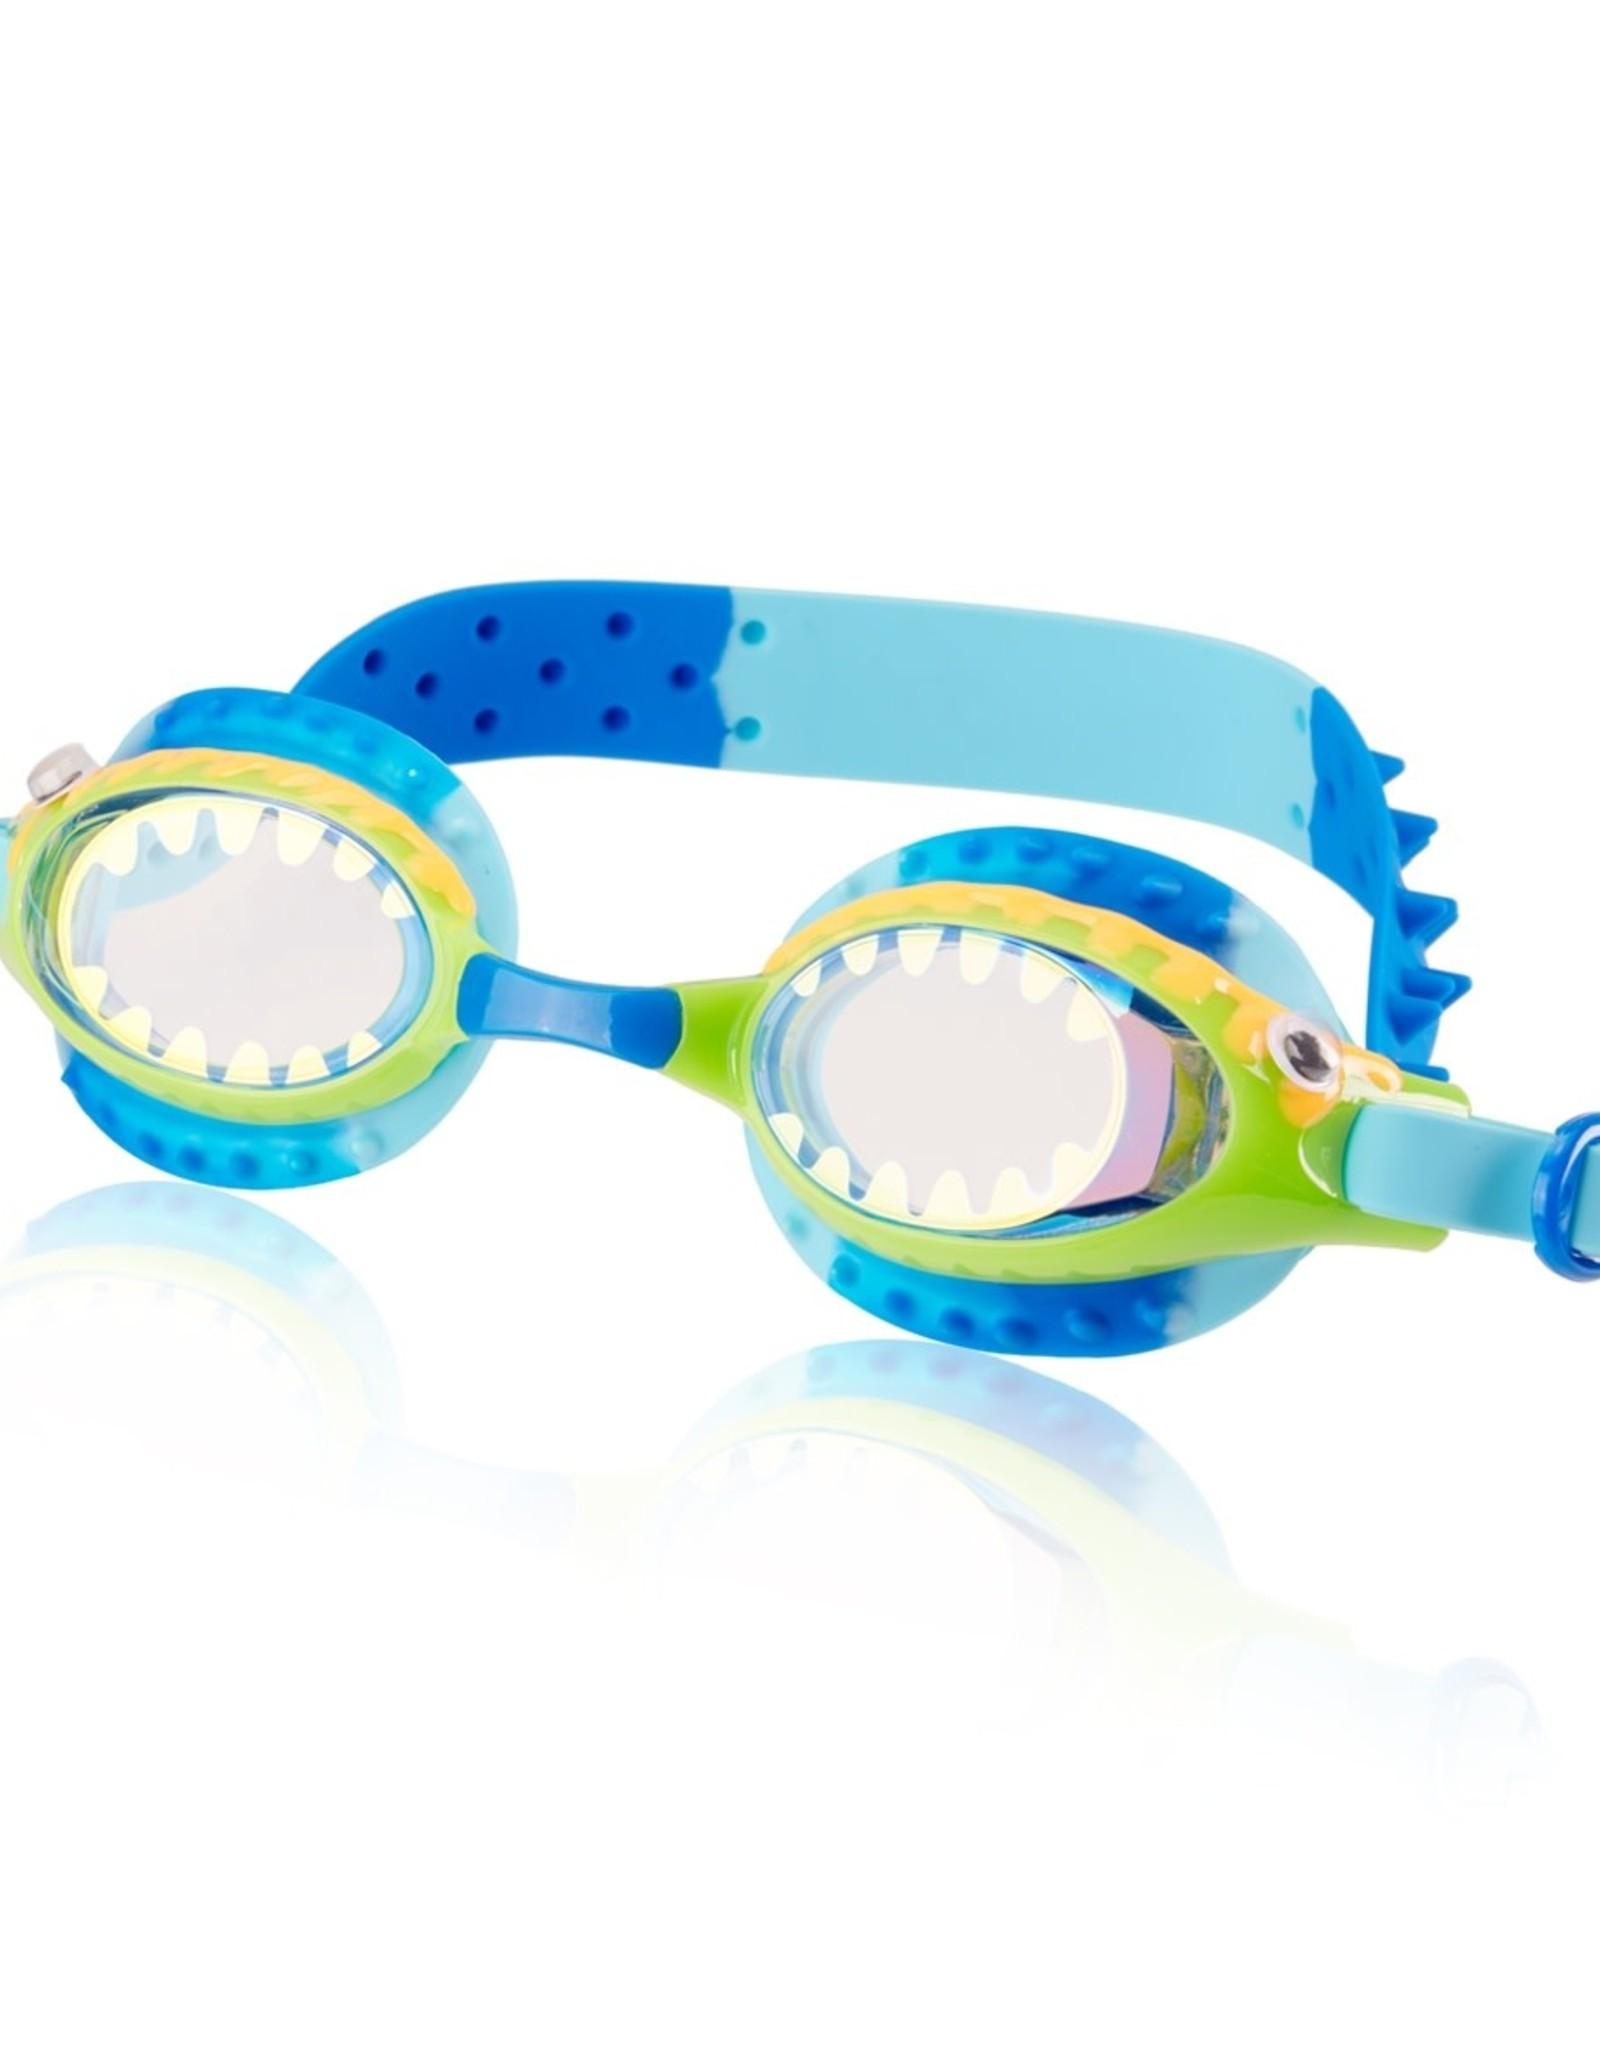 Bling2O Ogre Green Slime Goggles